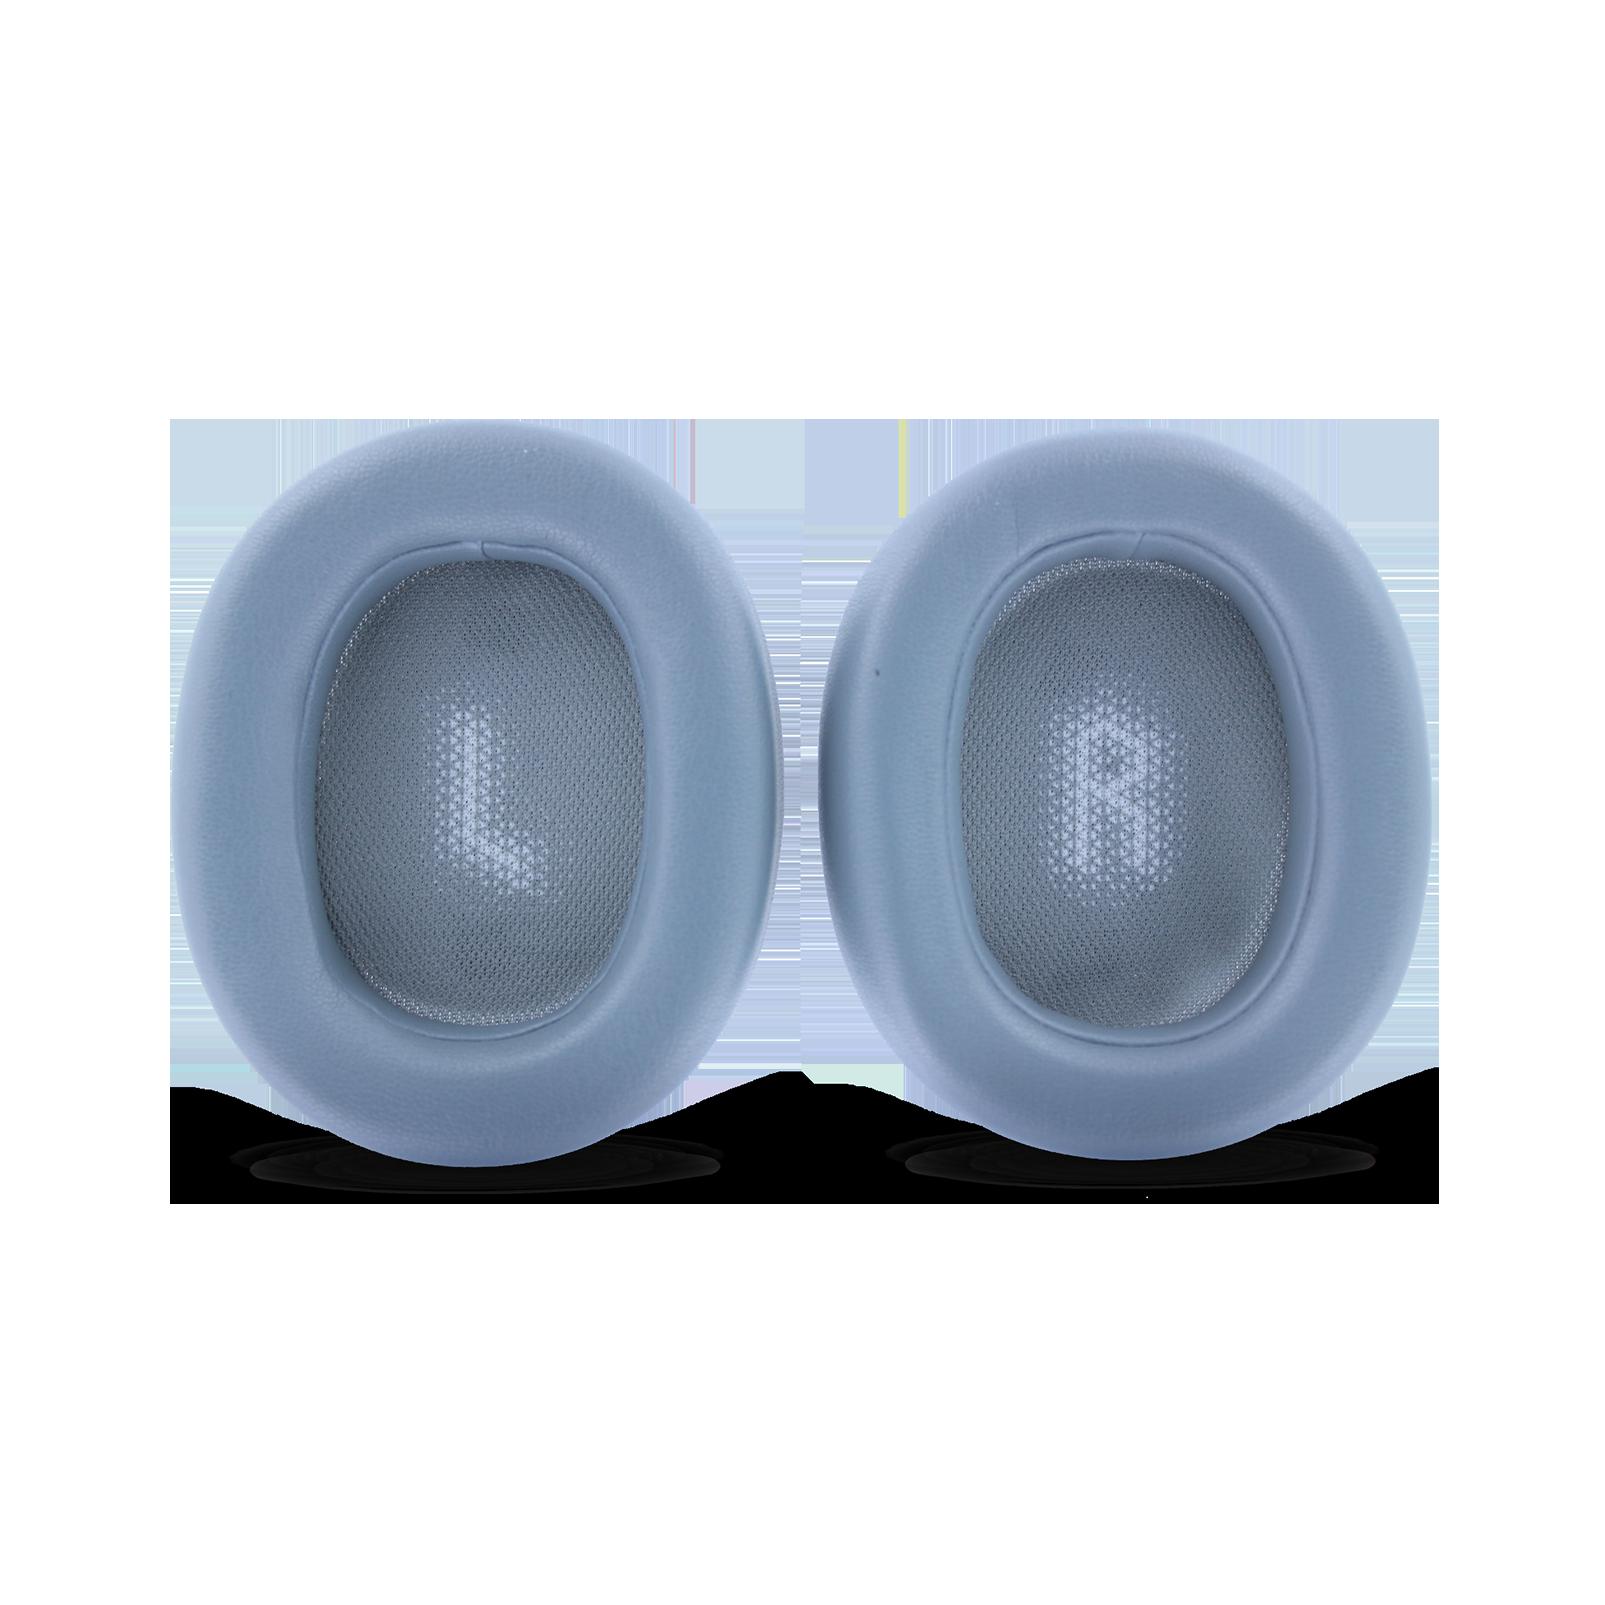 Ear pad set for V750BT